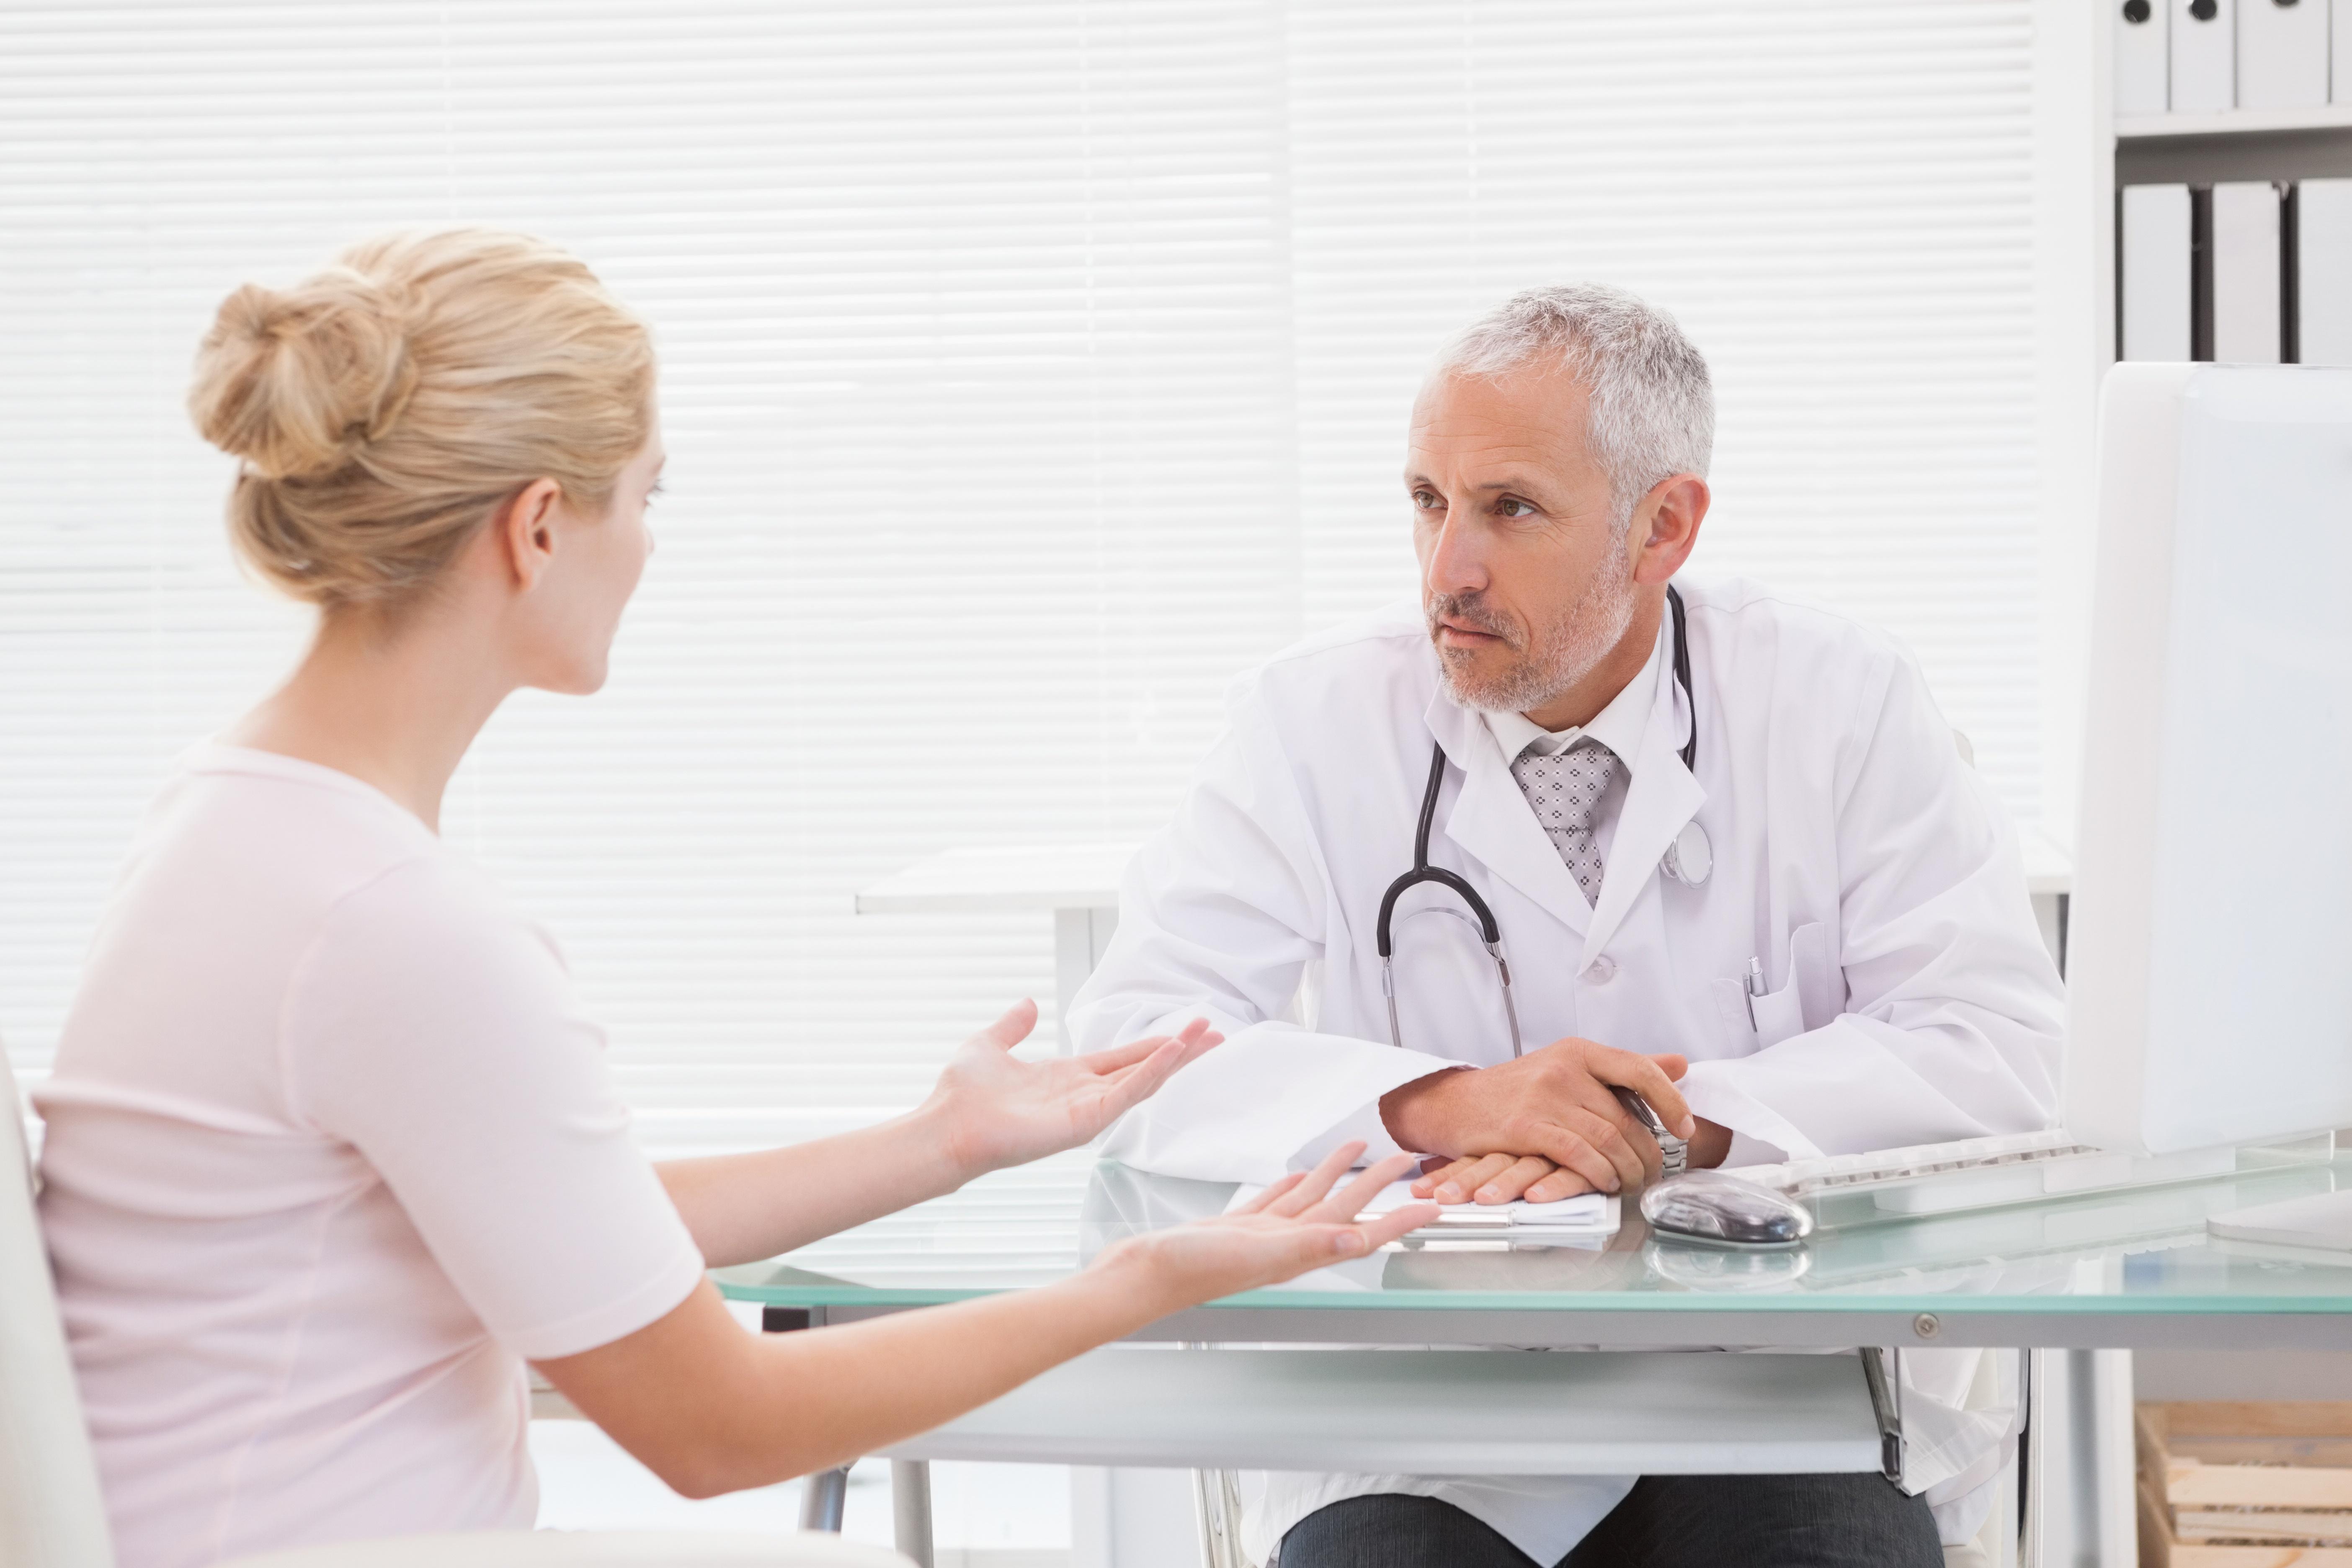 Arzt-Patienten-Gespräch in der Praxis